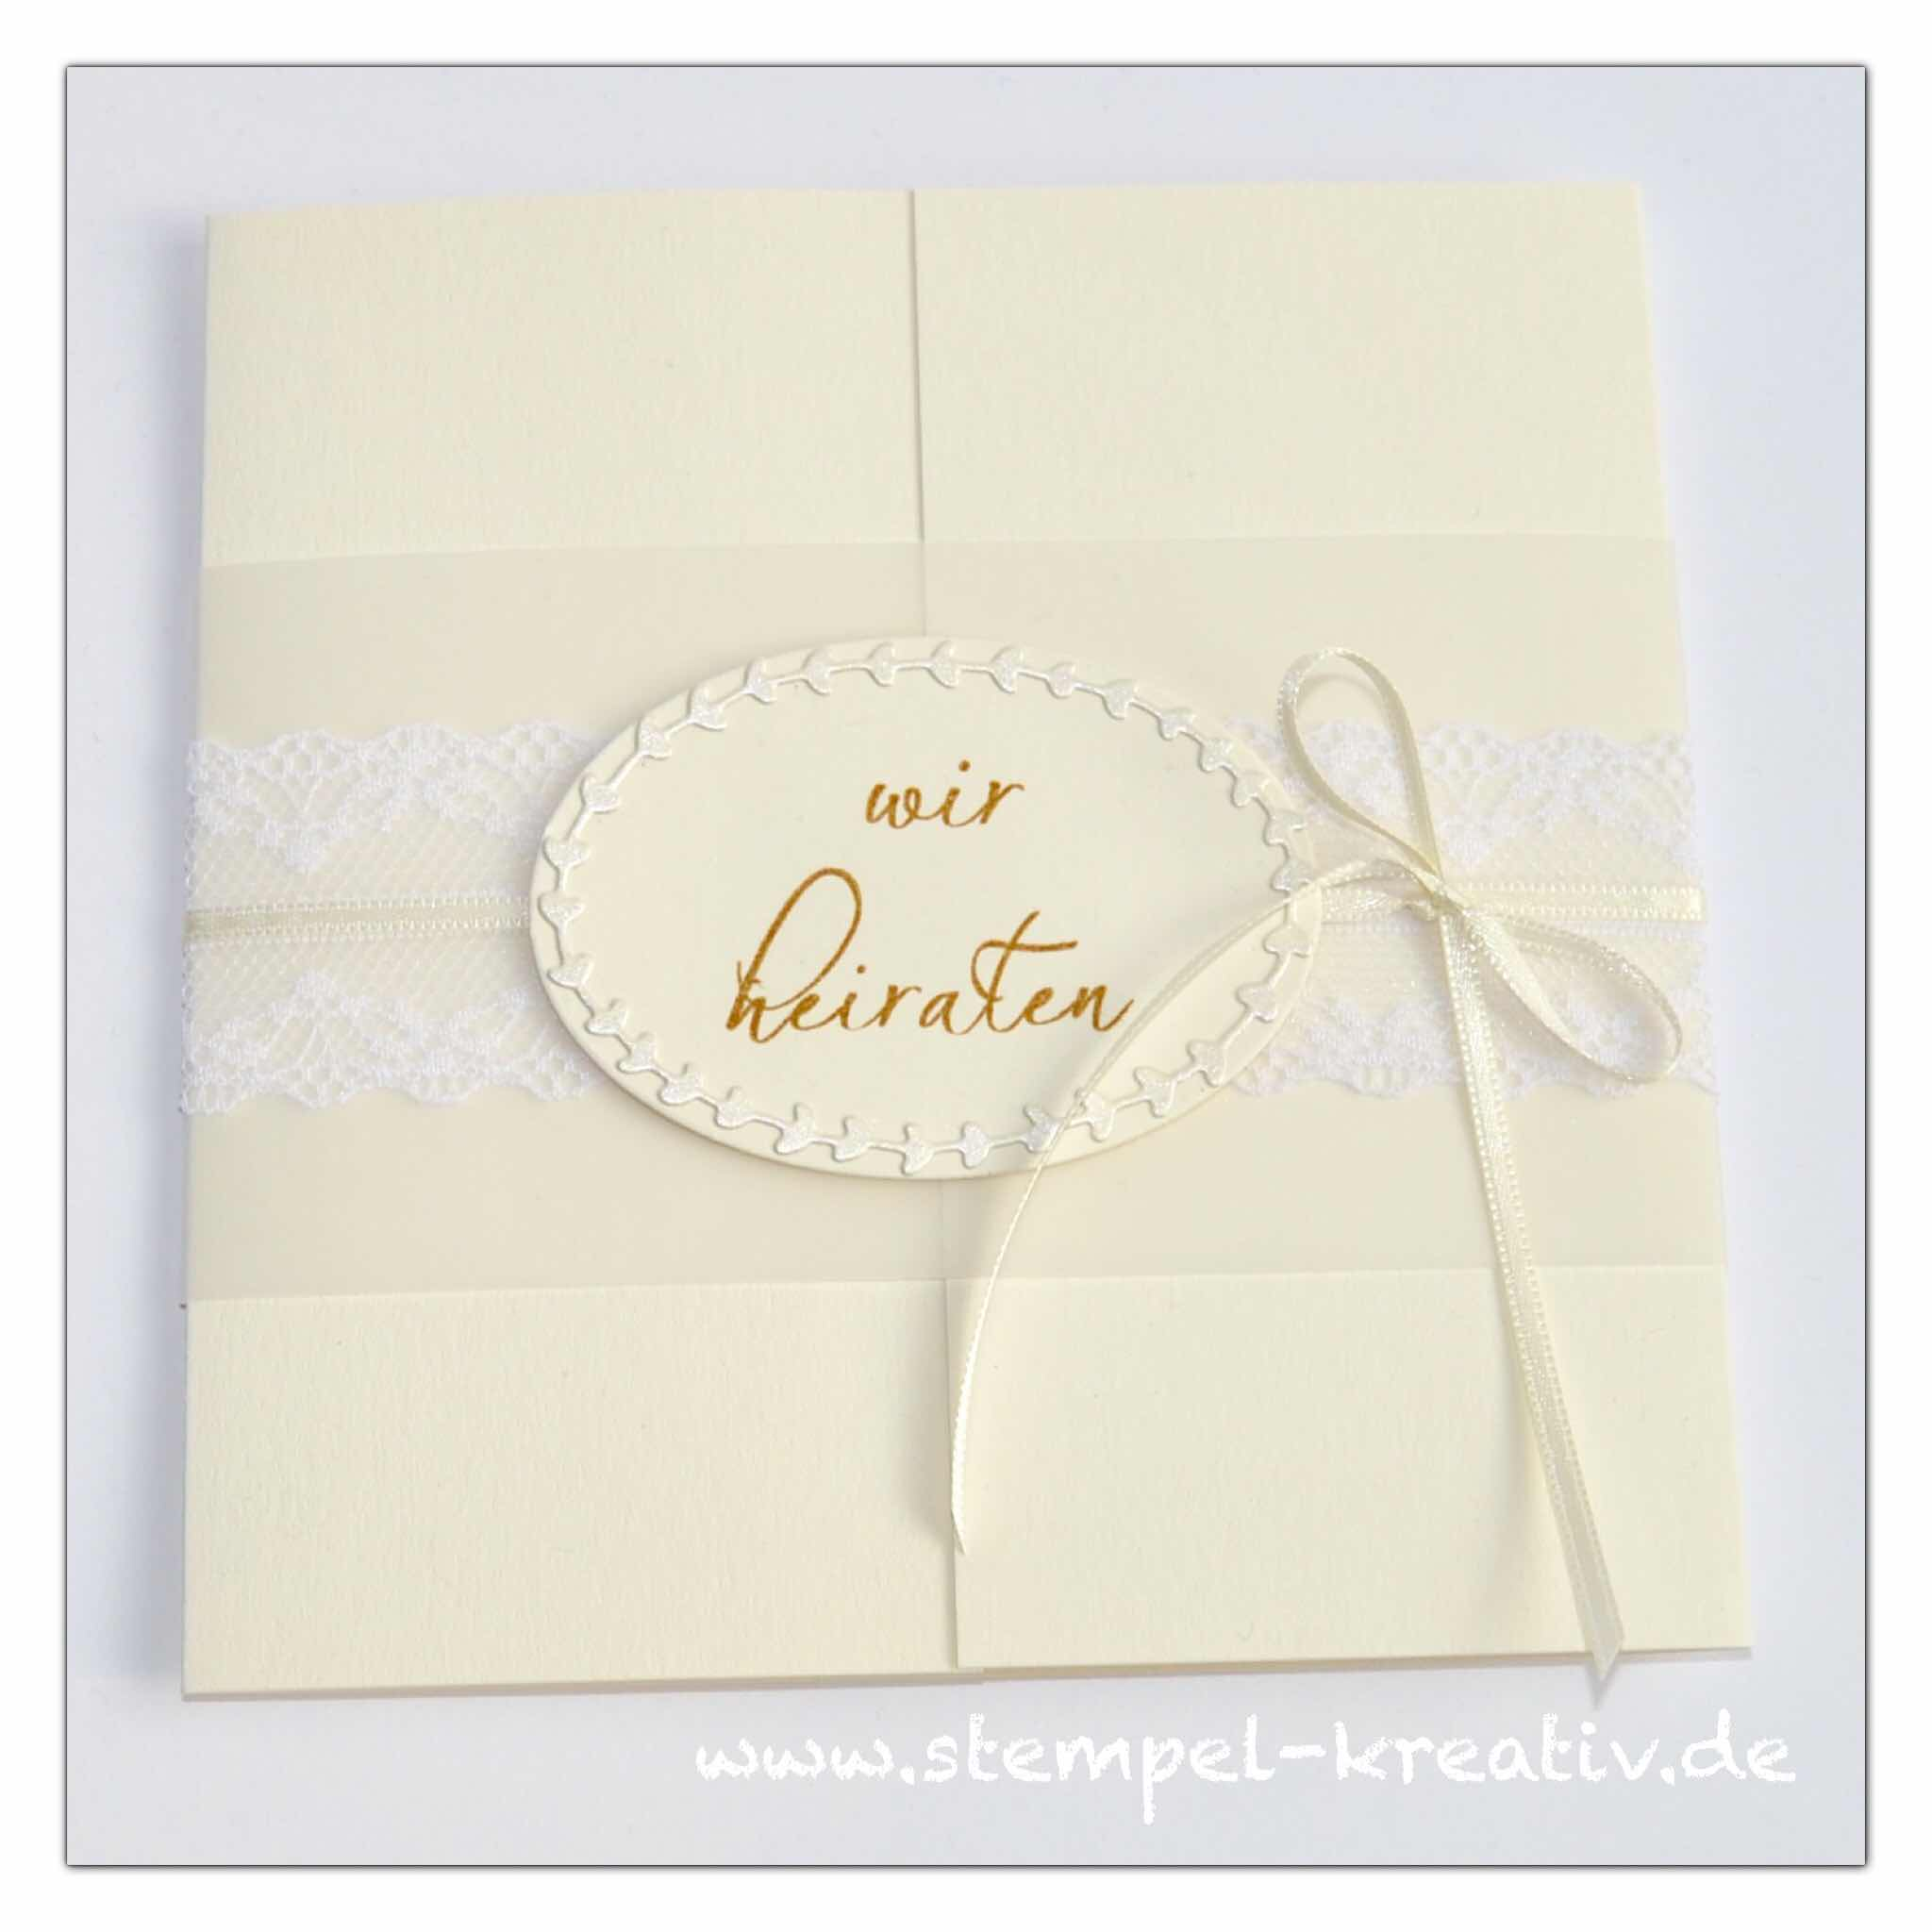 Einladung zur Hochzeit ovaler Kranz mit Spitzenband